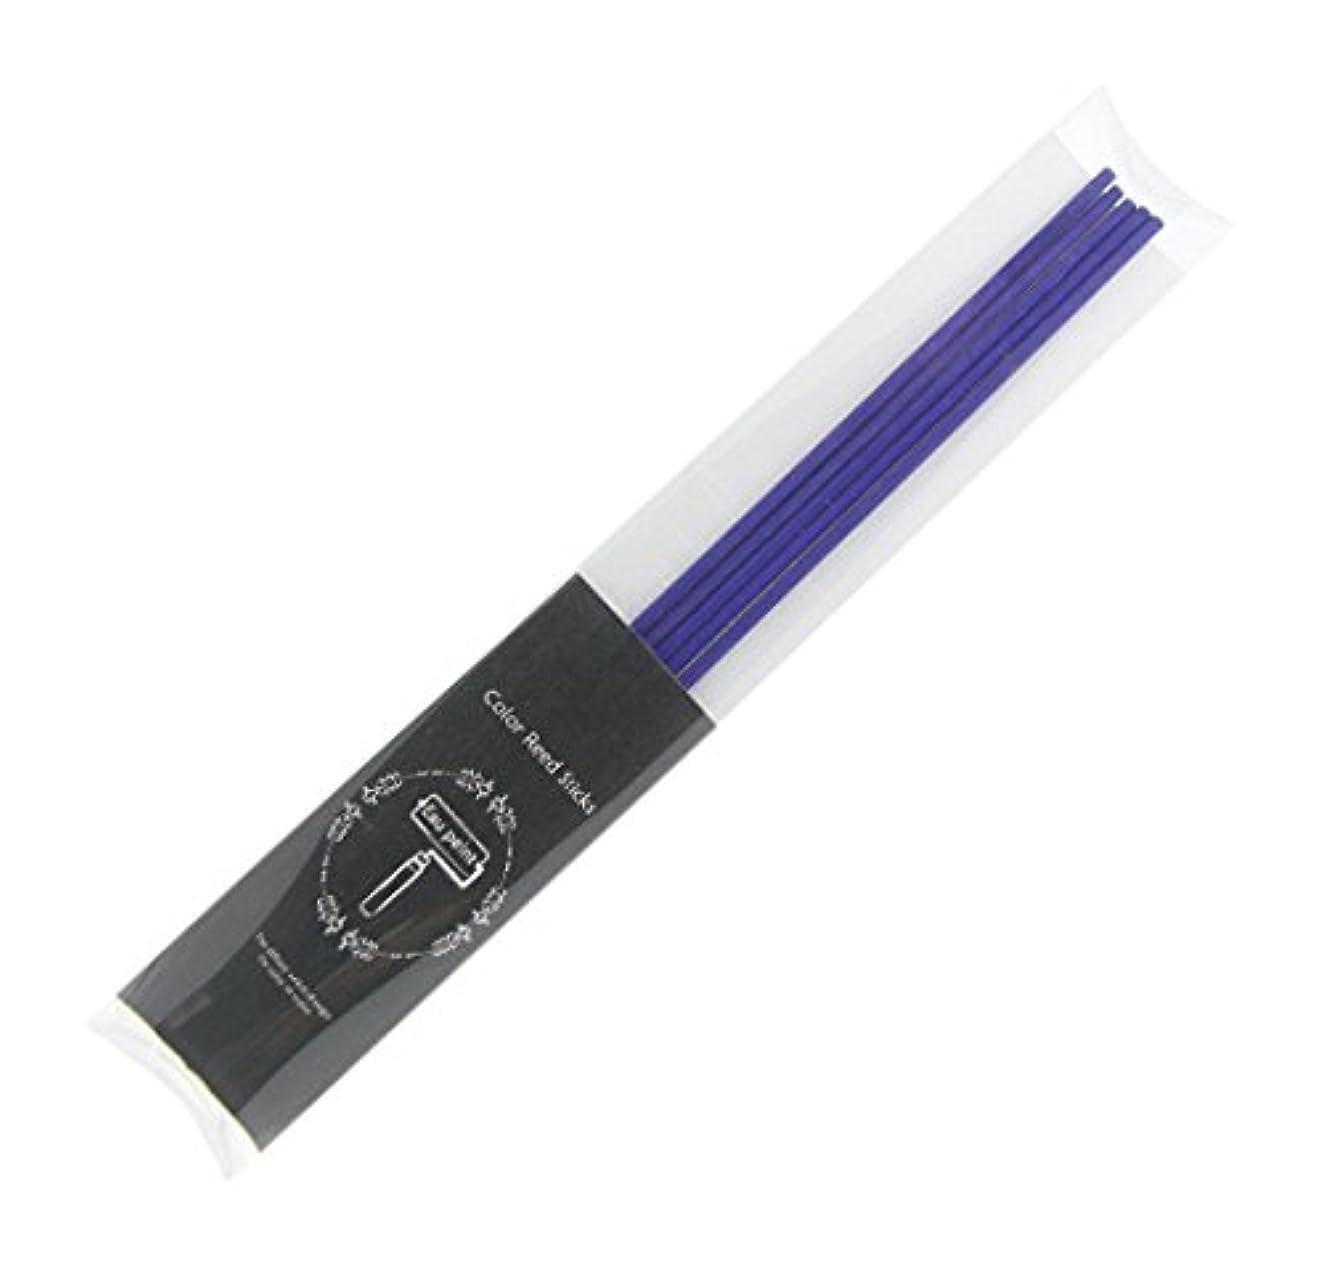 詐欺革新不完全なEau peint mais+ カラースティック リードディフューザー用スティック 5本入 パープル Purple オーペイント マイス